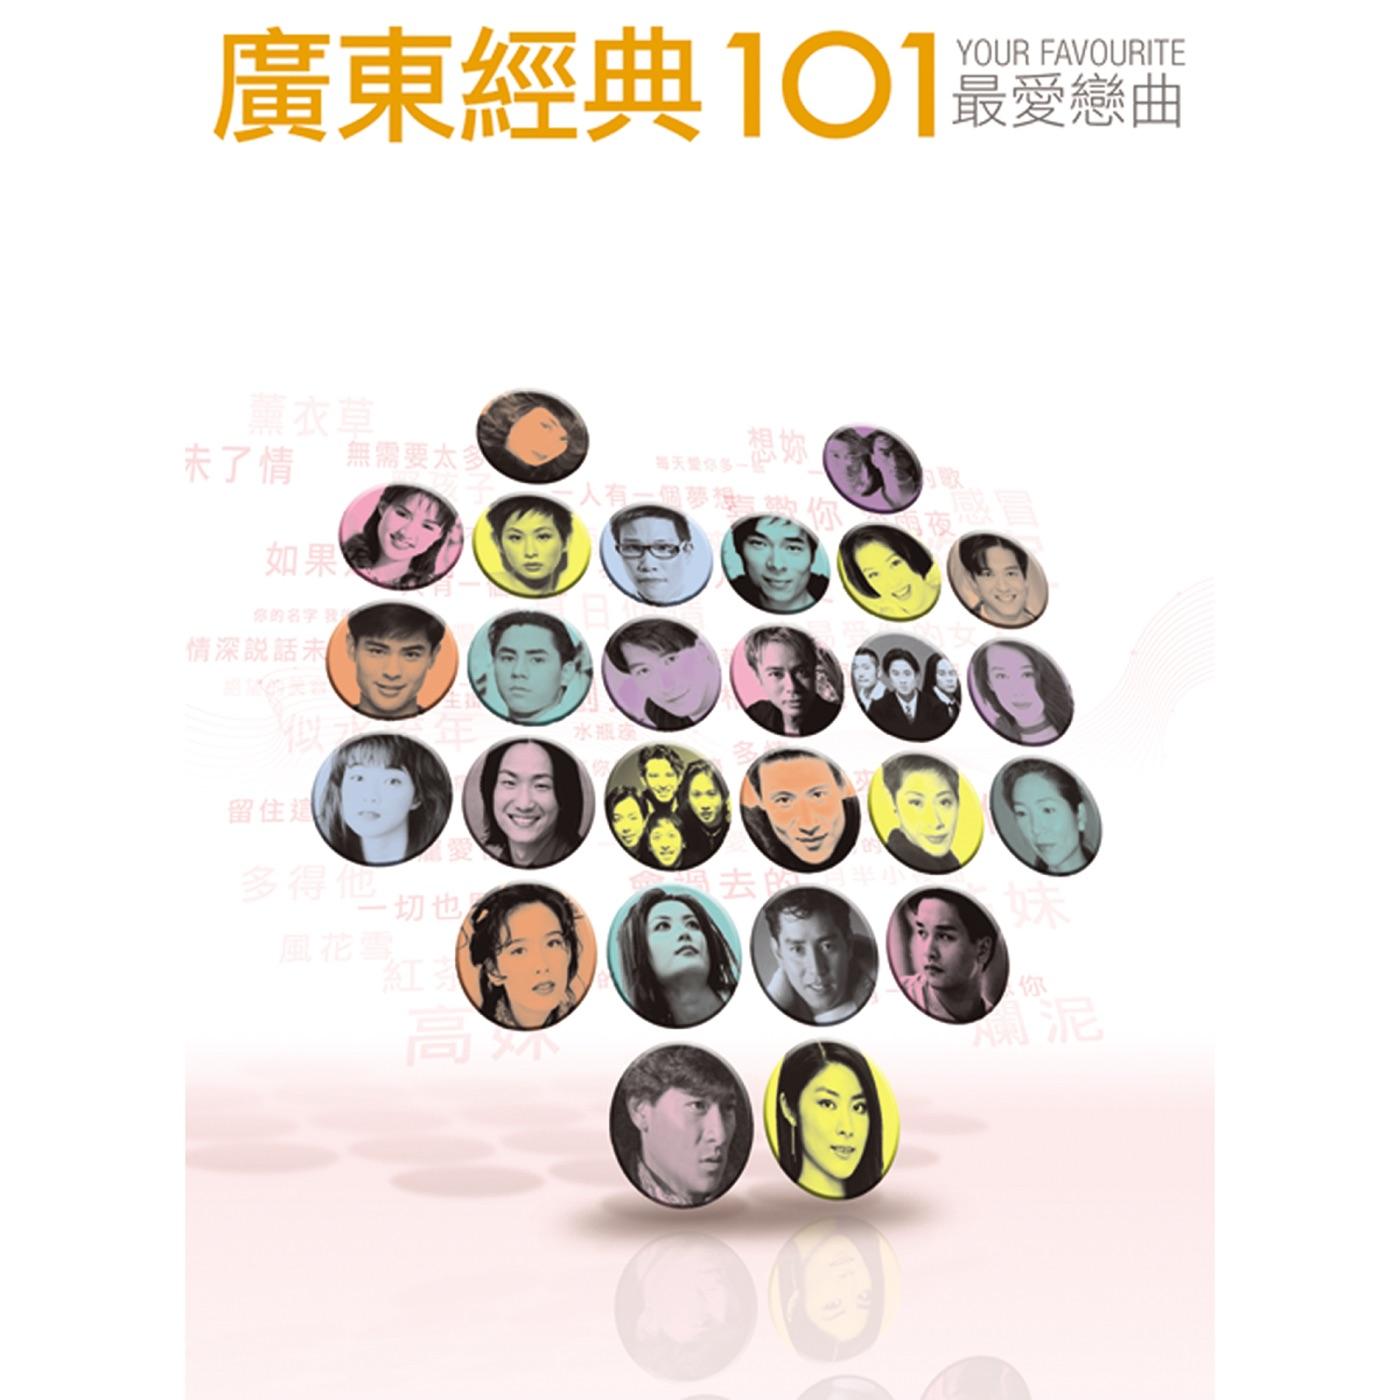 群星 - 广东经典101